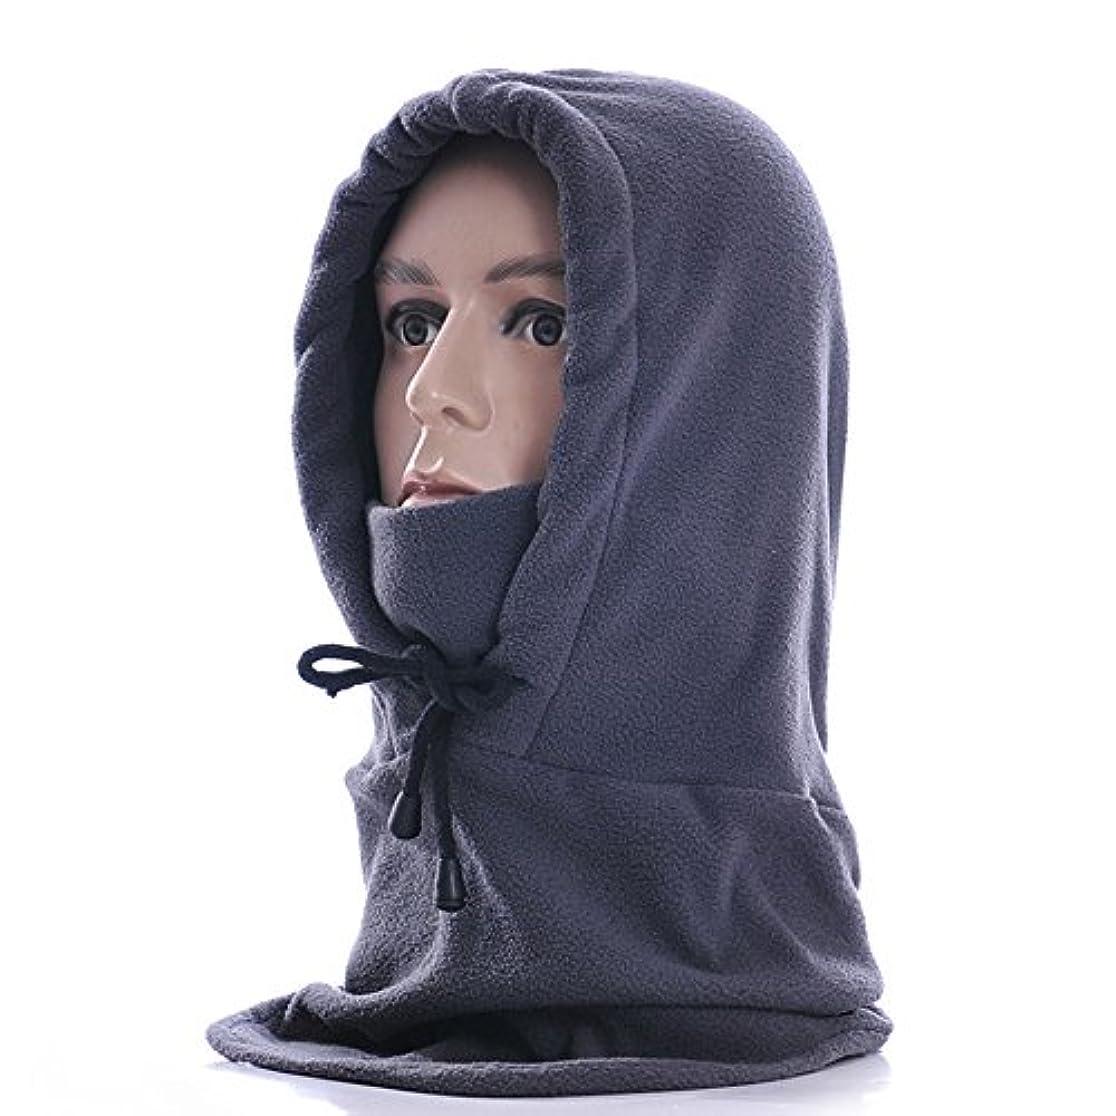 レガシー膨らませるダブルSHiZAK マスク 防寒フリースマスク フード 厚型 目だし帽 フェイスマスク ネックウォーマー キャップ ヘッドウェア 保温 バイク/自転車/スキー/アウトドア用 フリー (灰色)